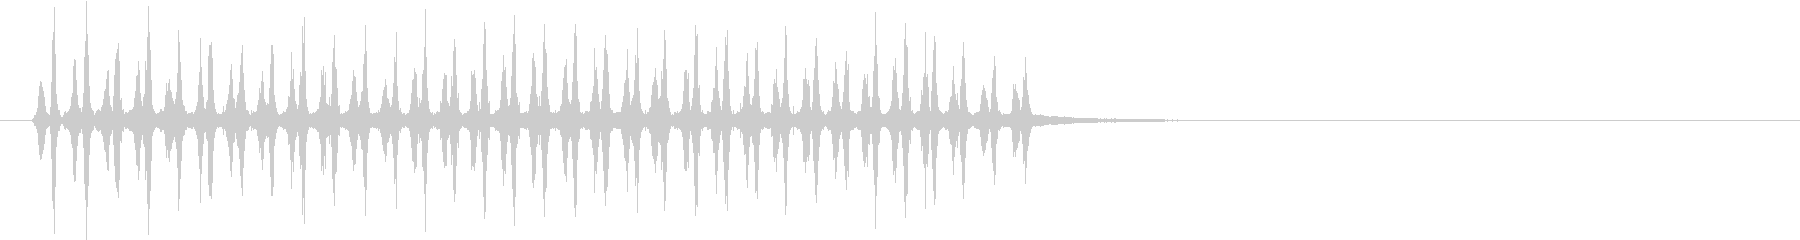 レインスティックを何度も振った音の未再生の波形